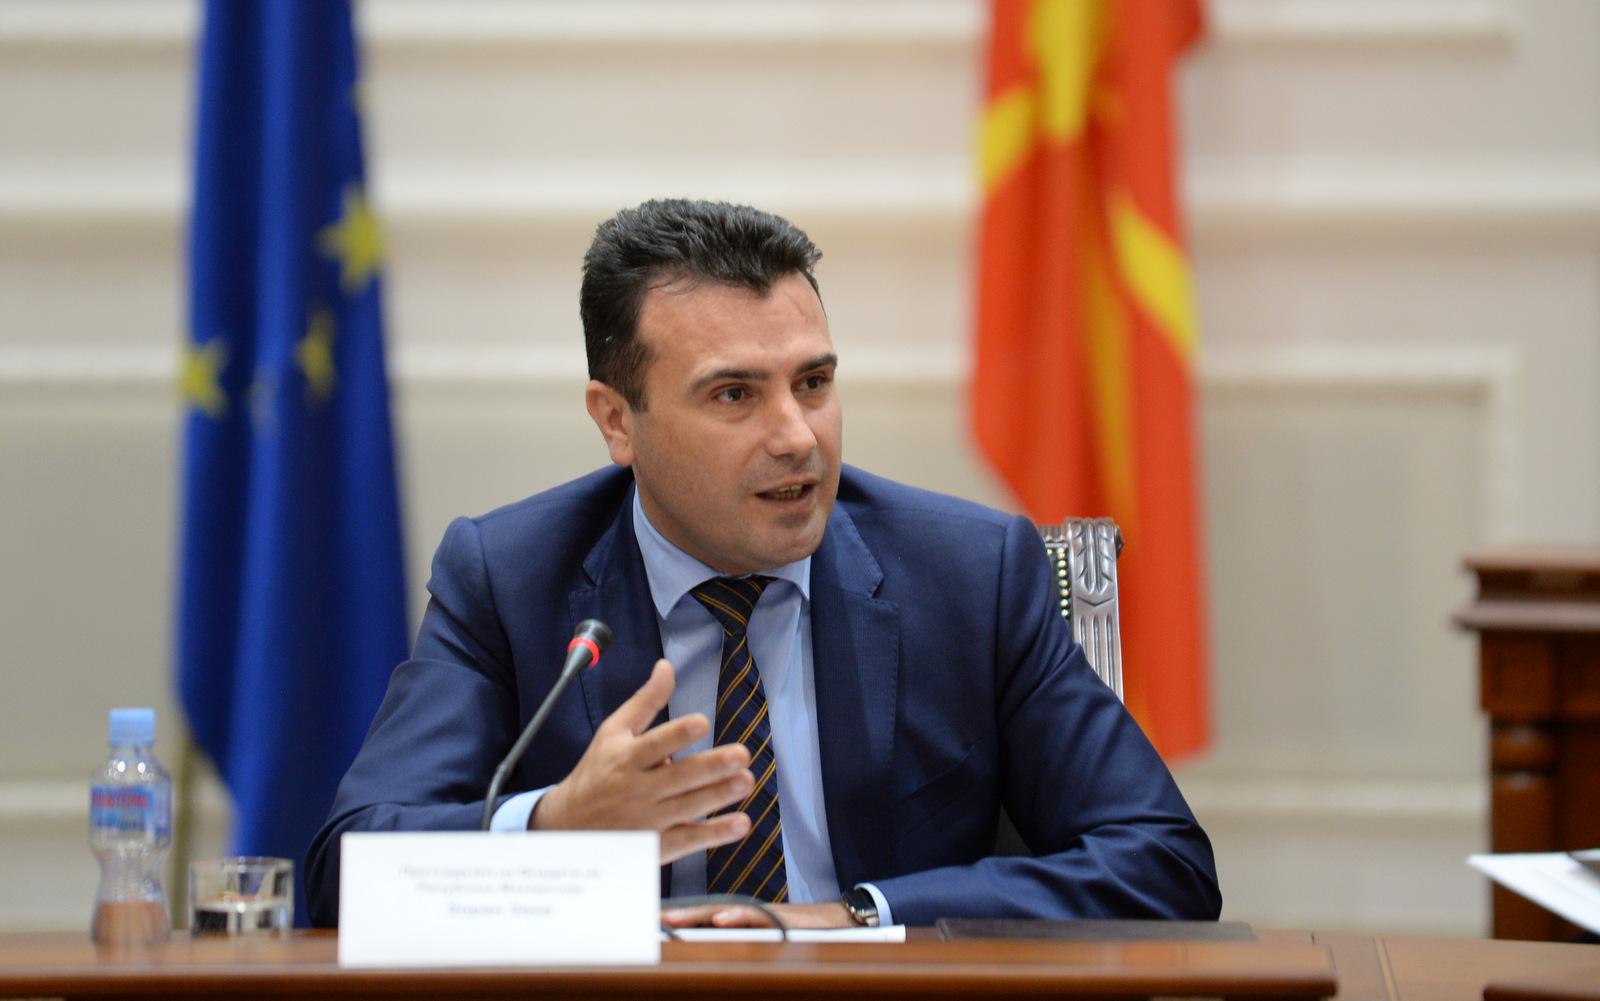 Zaev: Μένει να διευθετηθούν κάποια τεχνικά θέματα για να ανακοινωθεί η συμφωνία για το όνομα